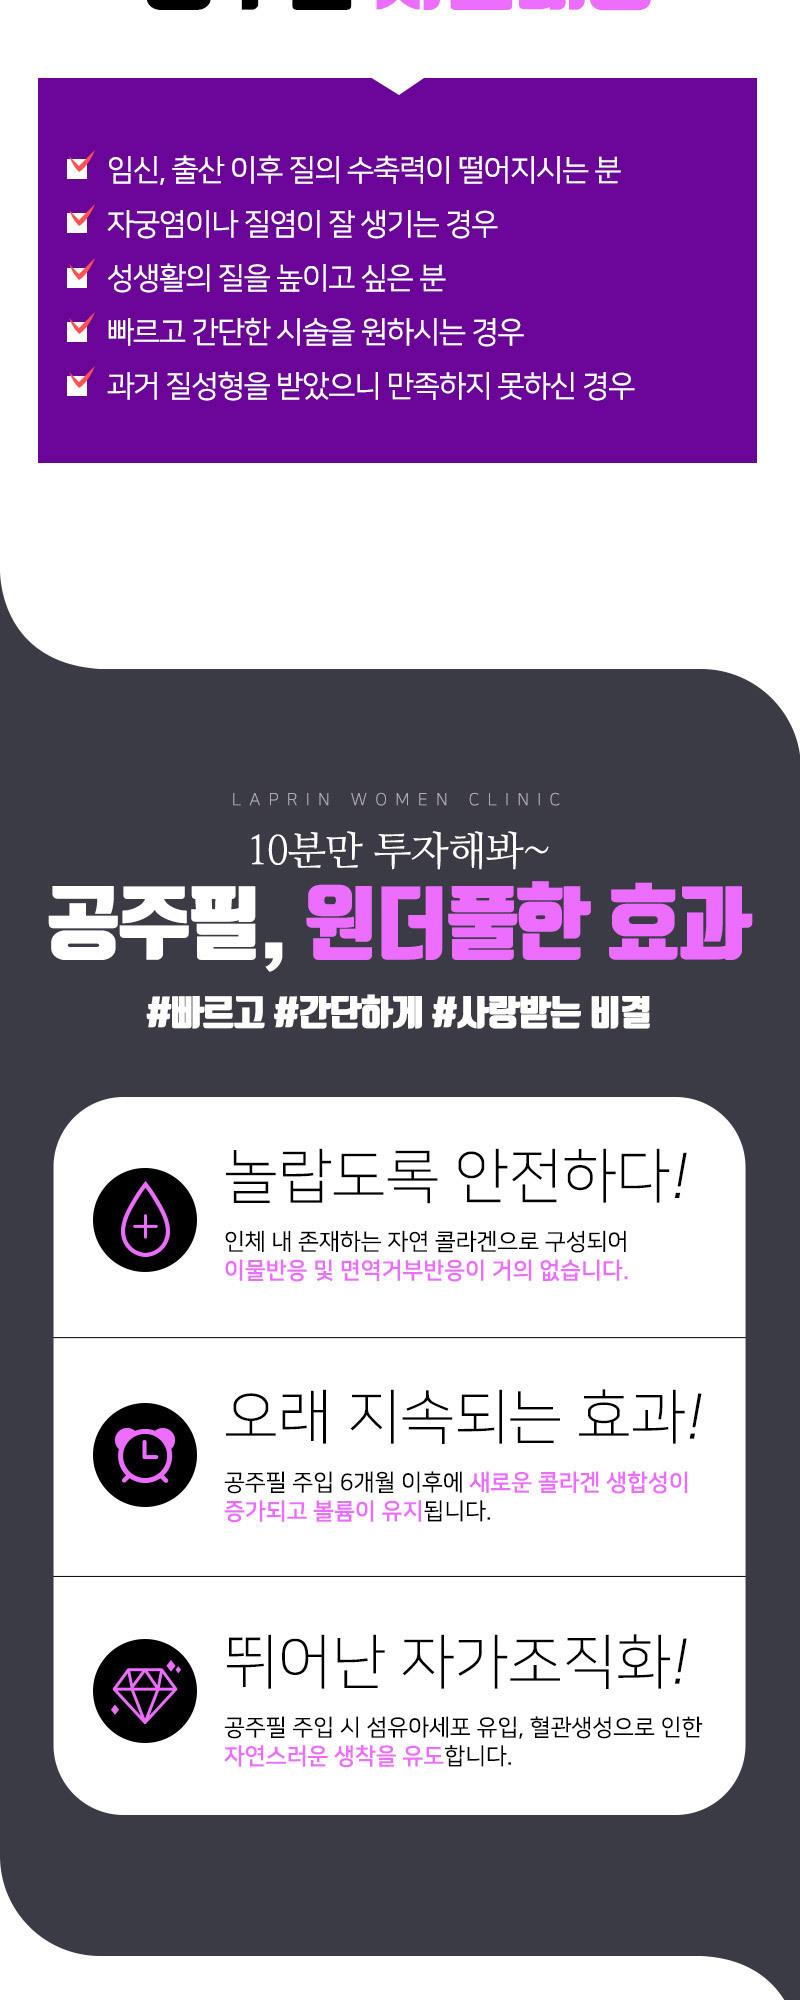 D event info f161892ea7df687b57